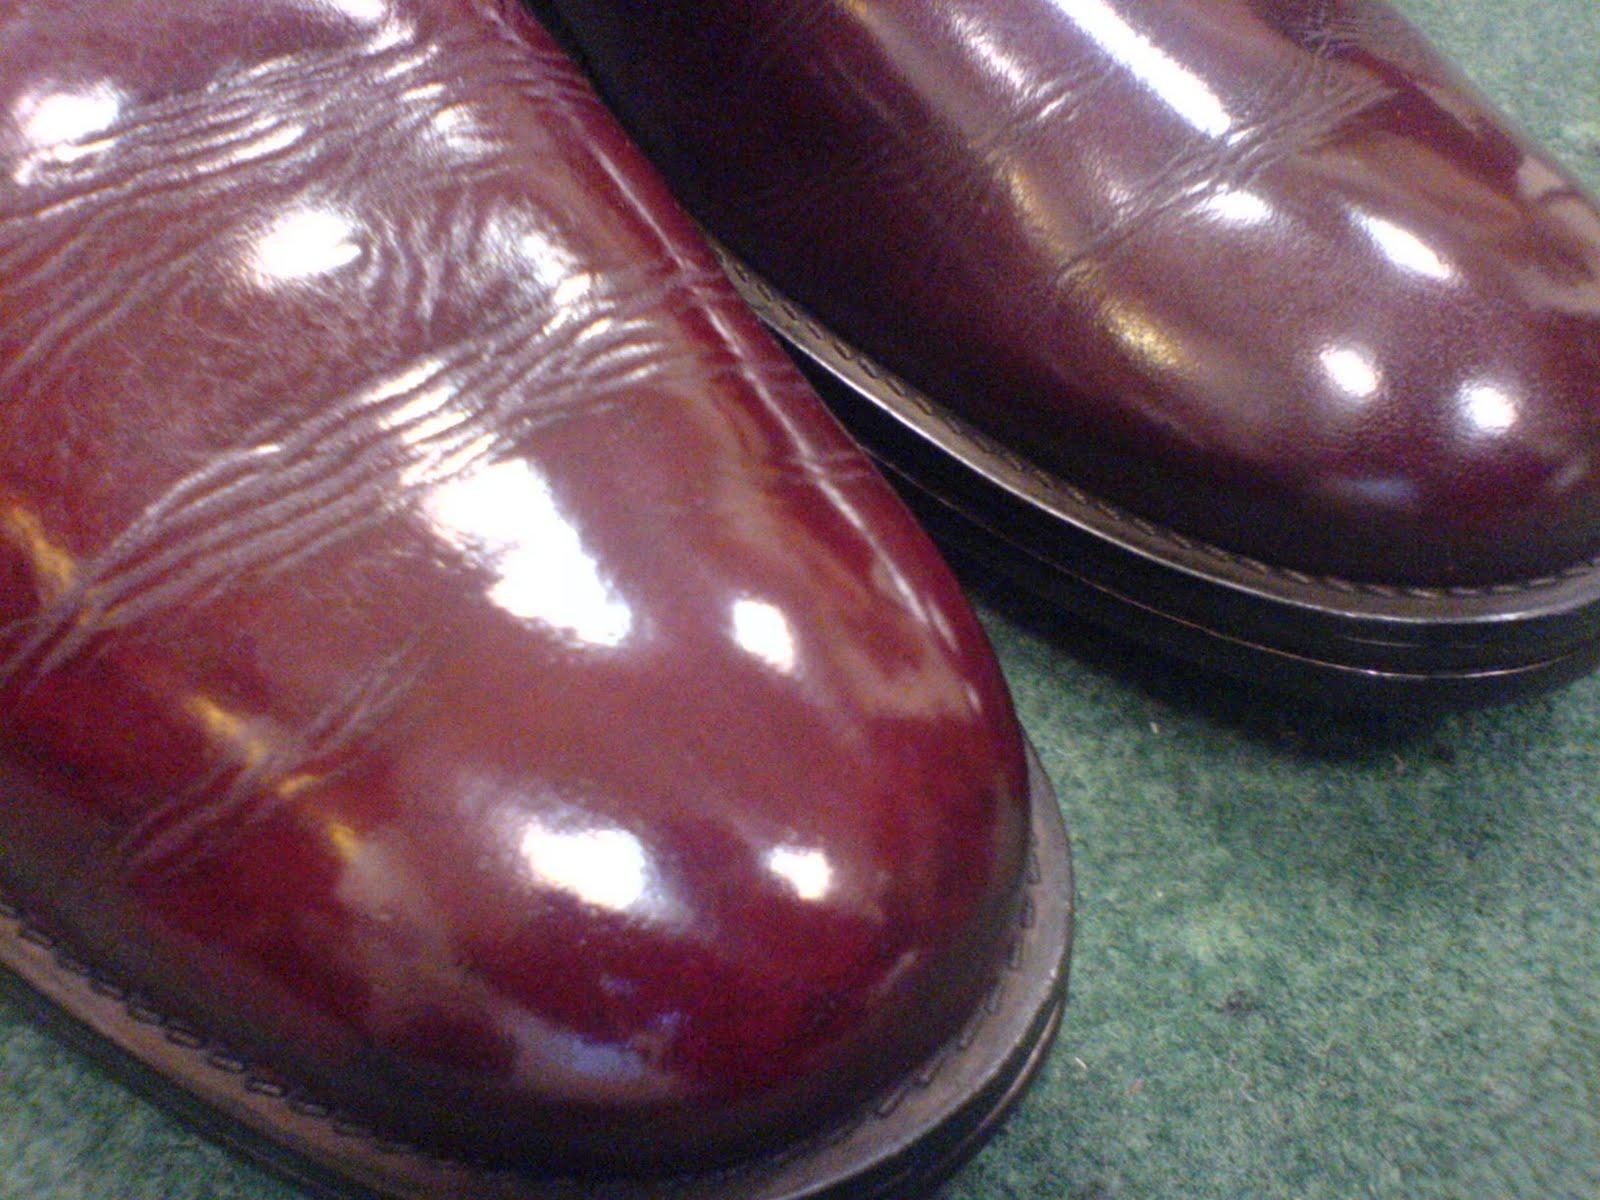 salon cireur talon rouge paris nettoyage et teinture d 39 une paire de boots gold en rouge bordeaux. Black Bedroom Furniture Sets. Home Design Ideas